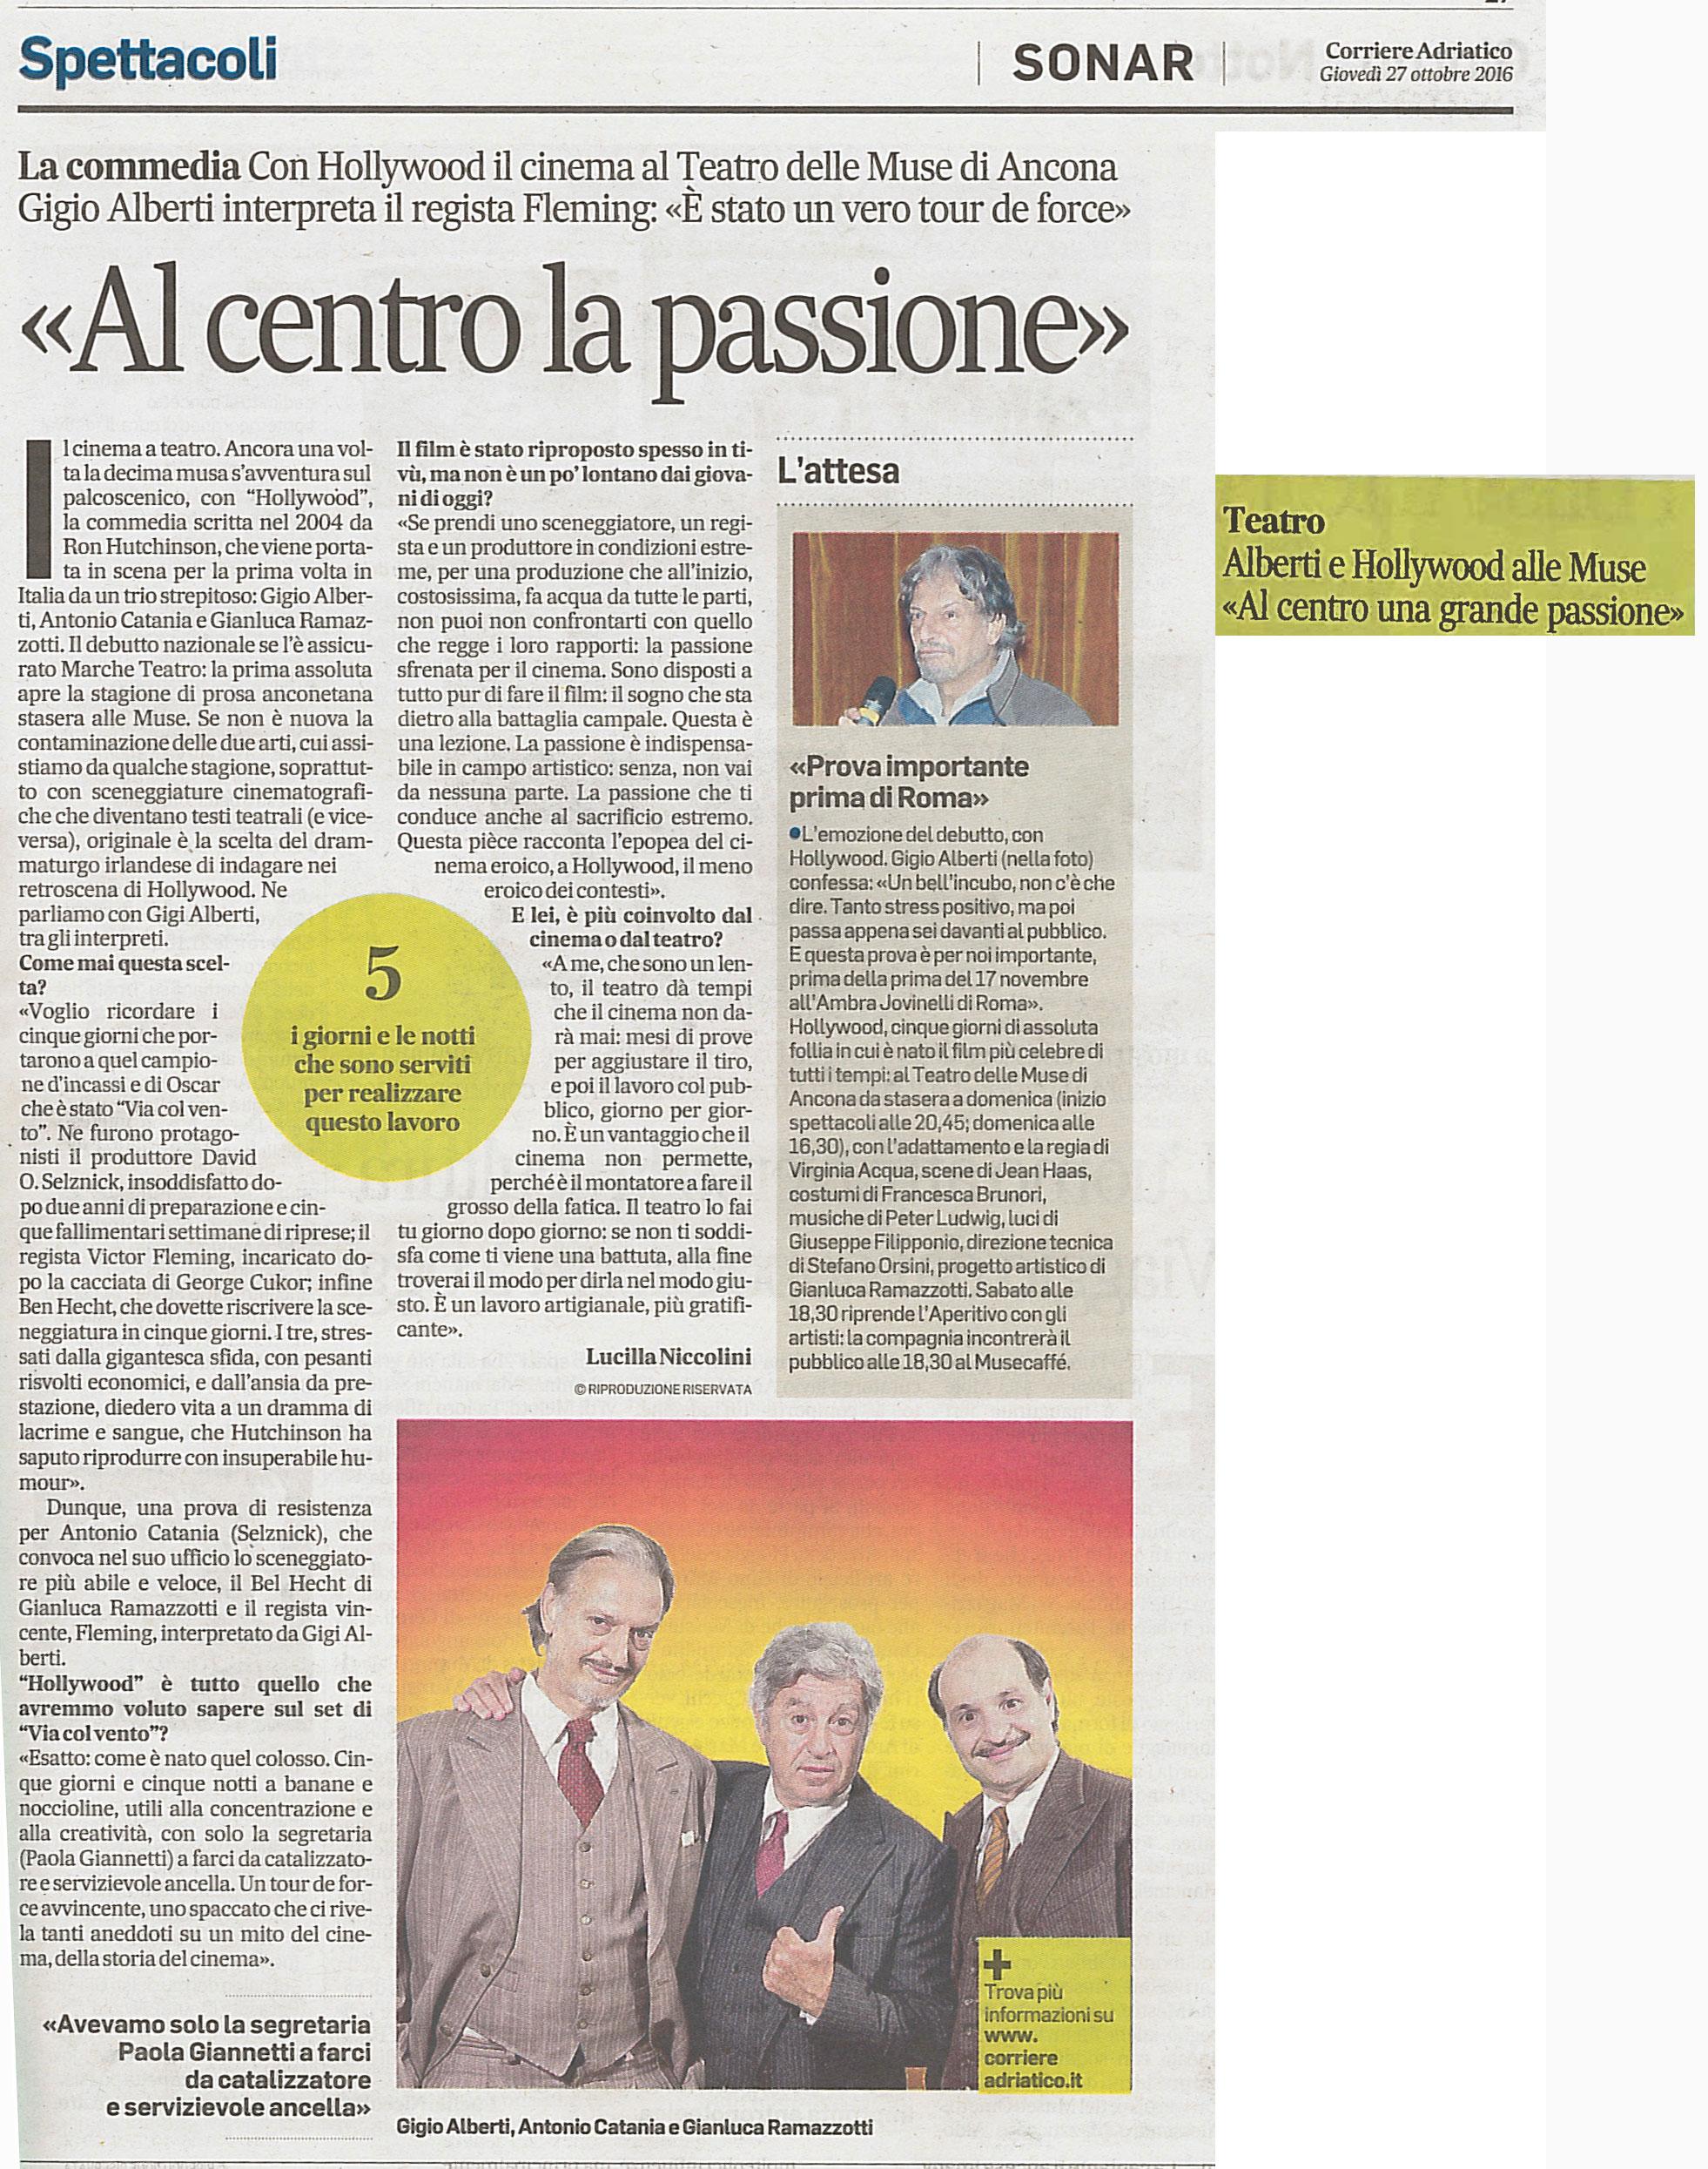 2016_10_27_al-centro-la-passione_corriere-adriatico